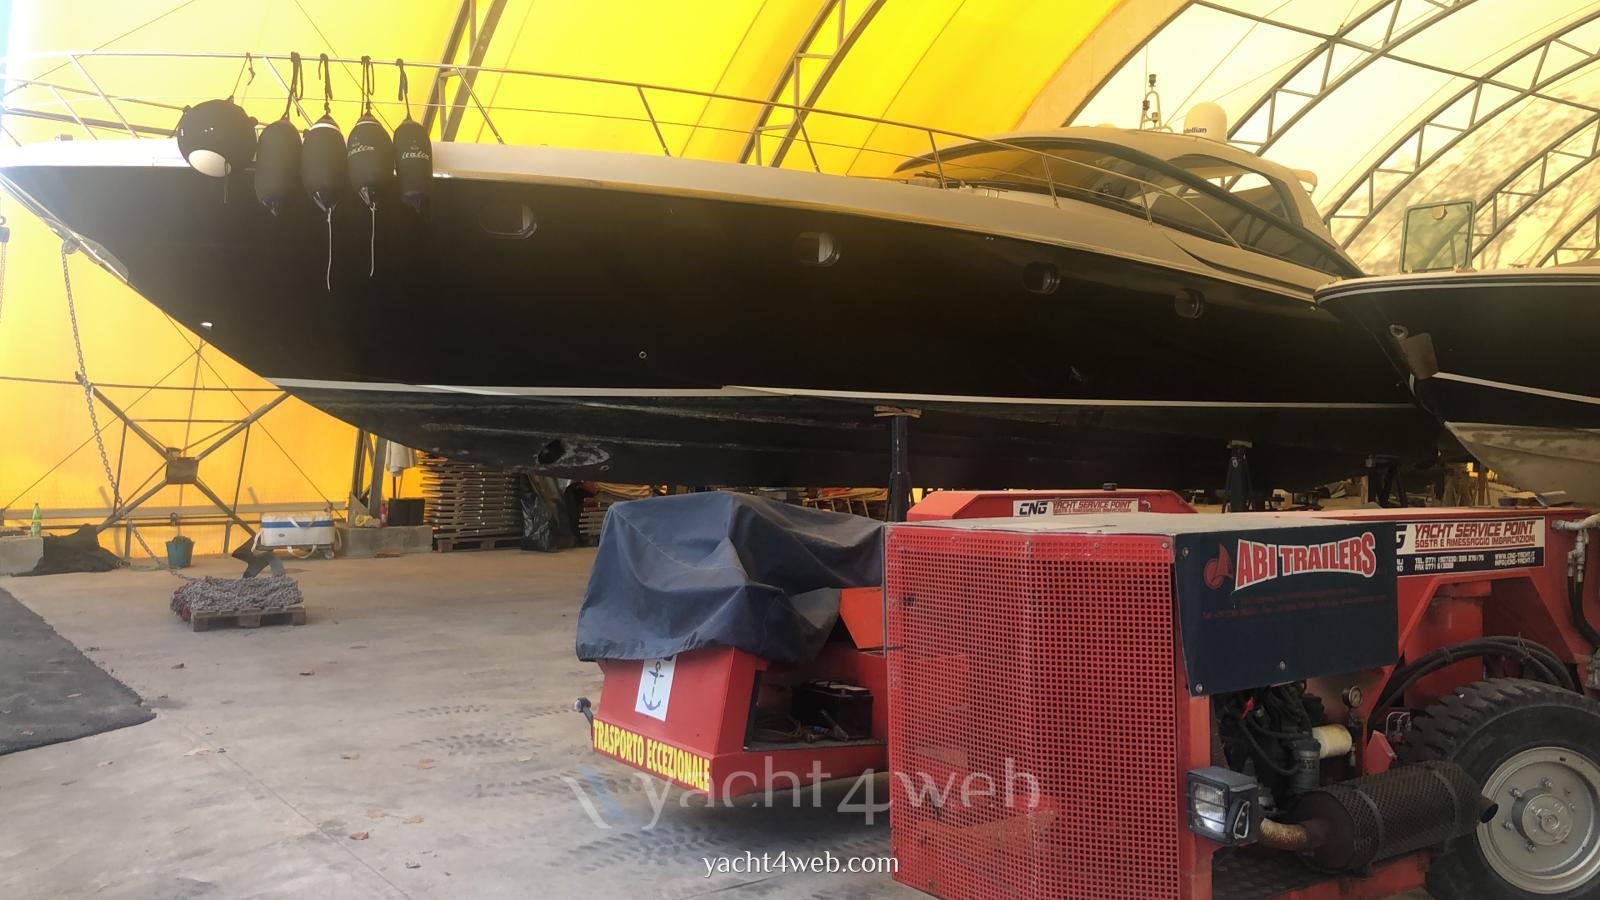 Cantieri di Baia Baia aqva 54 Barco a motor usado para venda